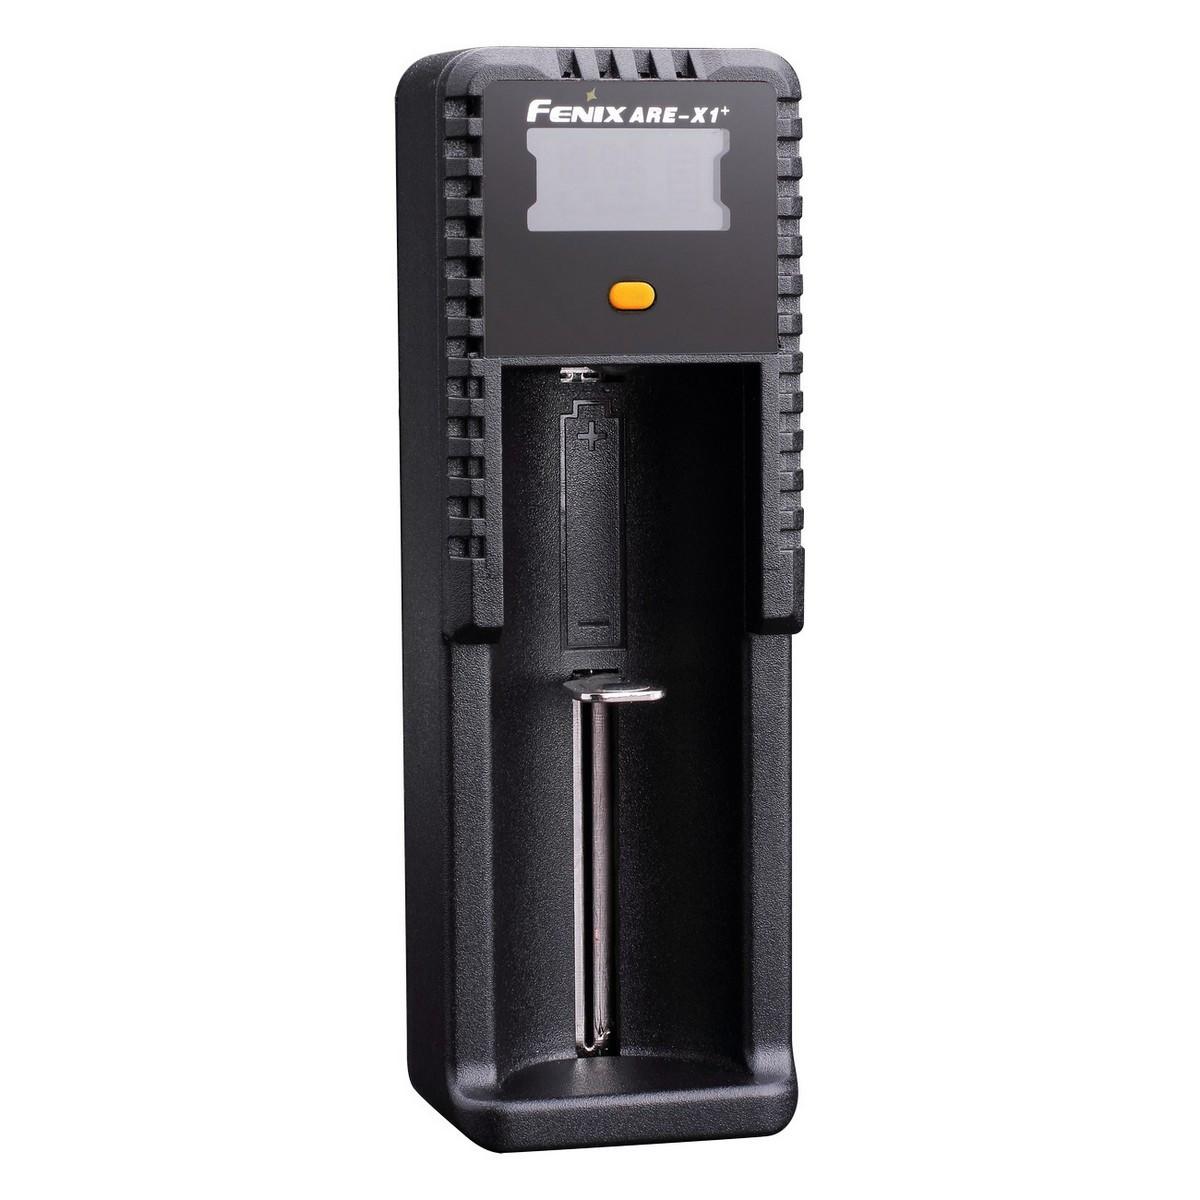 Зарядний пристрій Fenix ARE-X1plus